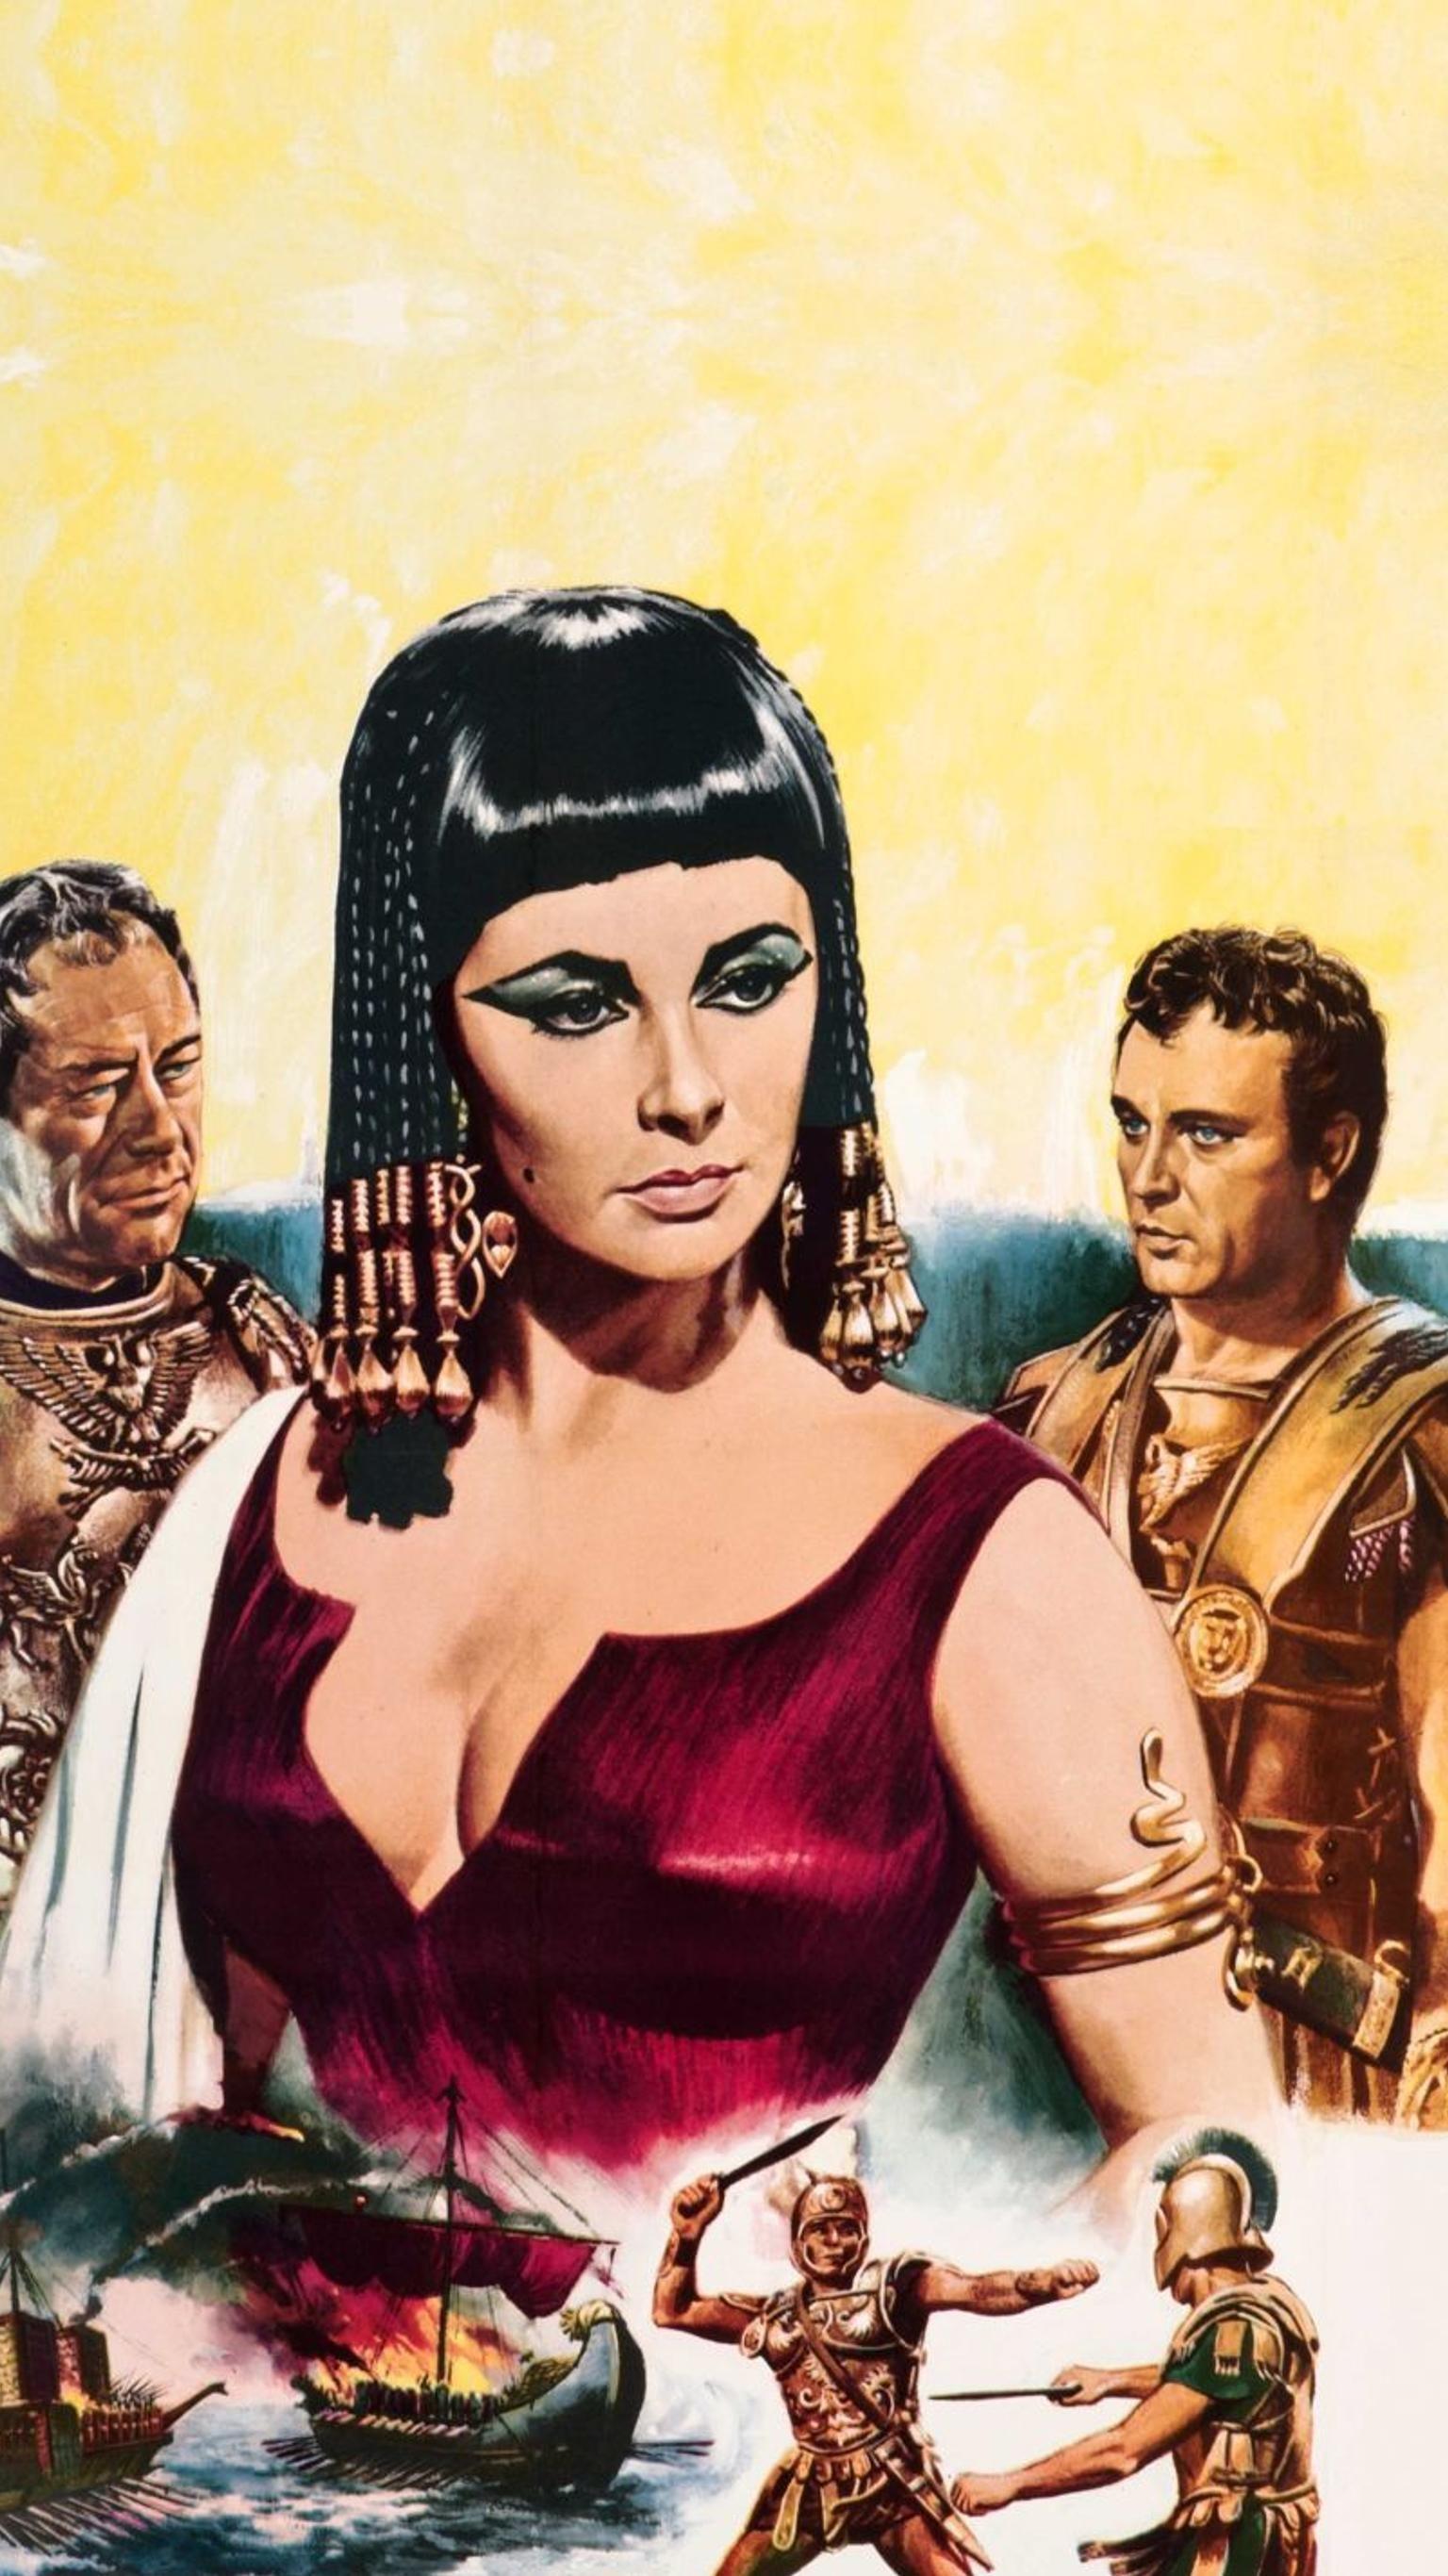 Cleopatra 1963 Phone Wallpaper Moviemania Cleopatra Wallpaper Phone Wallpaper